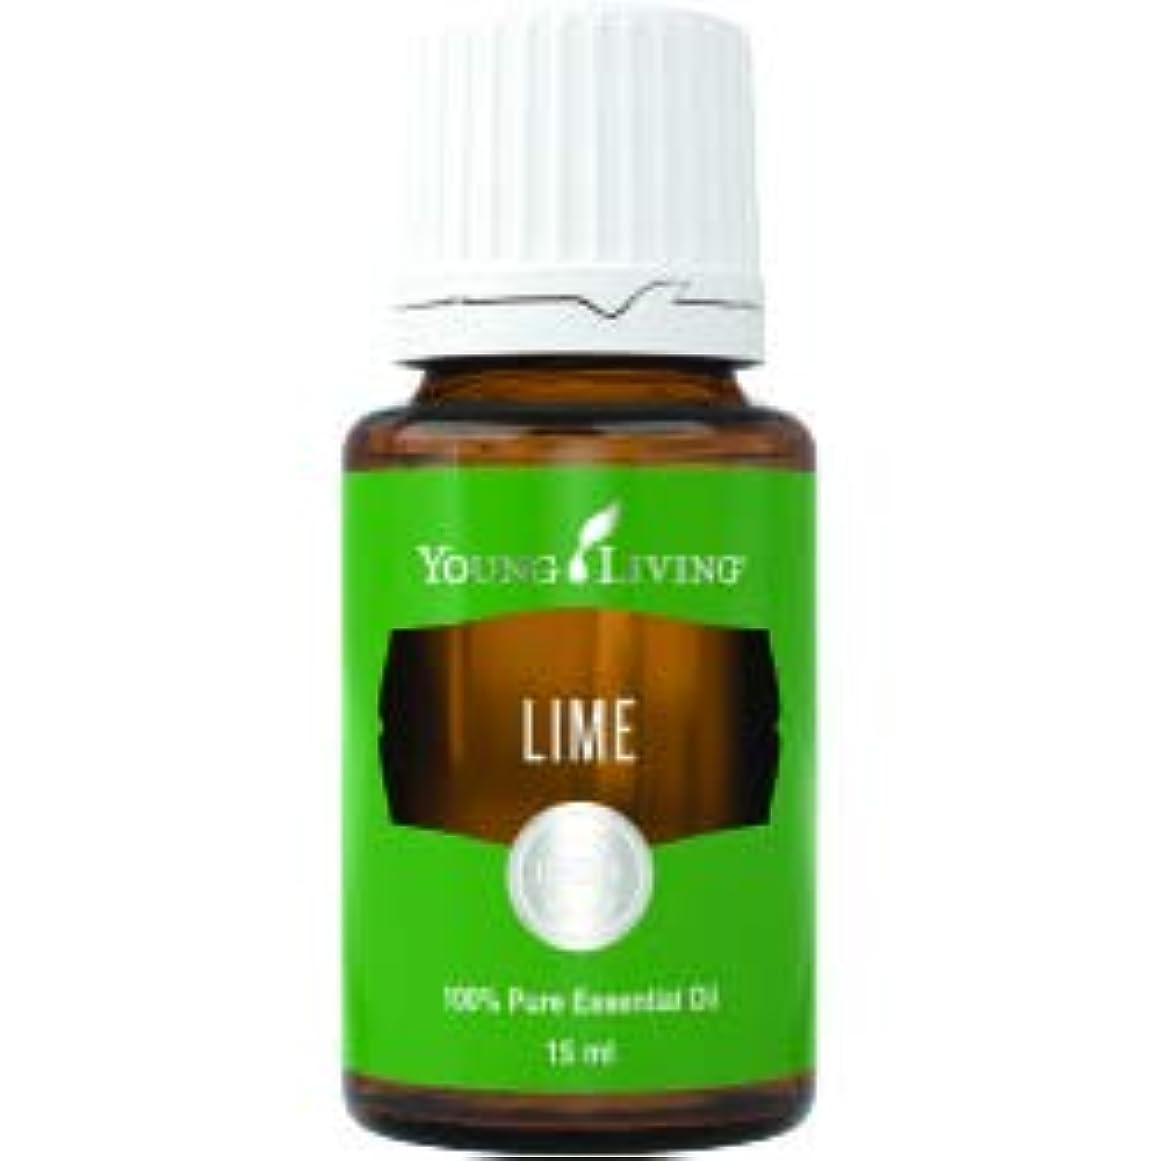 かわす巨大な活力ライムエッセンシャルオイル15ml by Young Livingエッセンシャルオイルマレーシア Lime Essential Oil 15ml by Young Living Essential Oil Malaysia